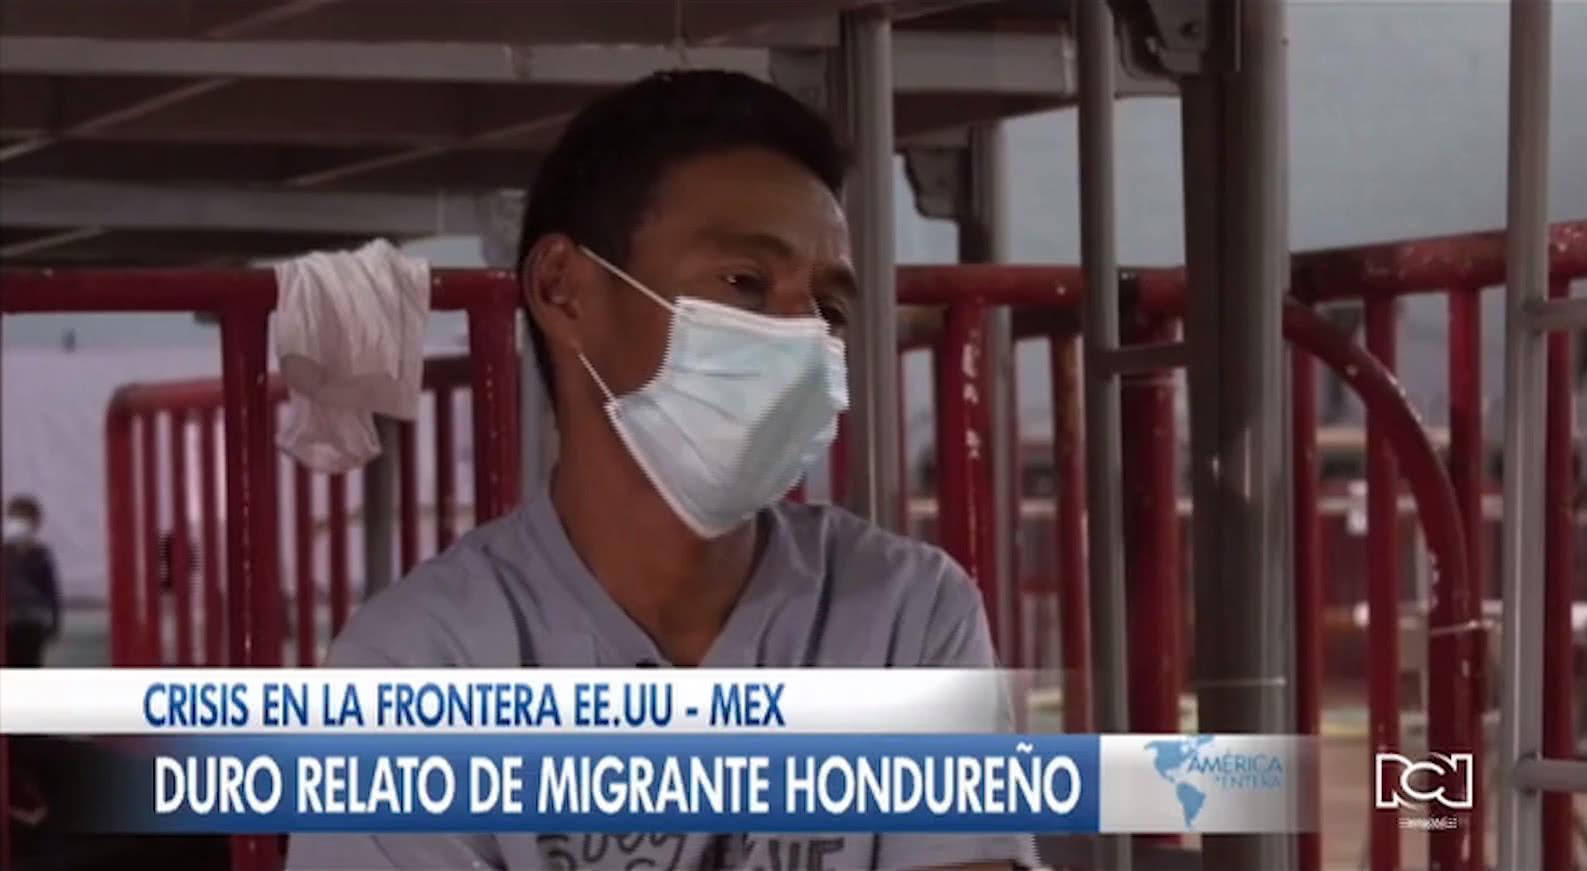 Migrante hondureño se entregó a la Patrulla Fronteriza para que sus hijos pudieran cruzar solos a Estados Unidos